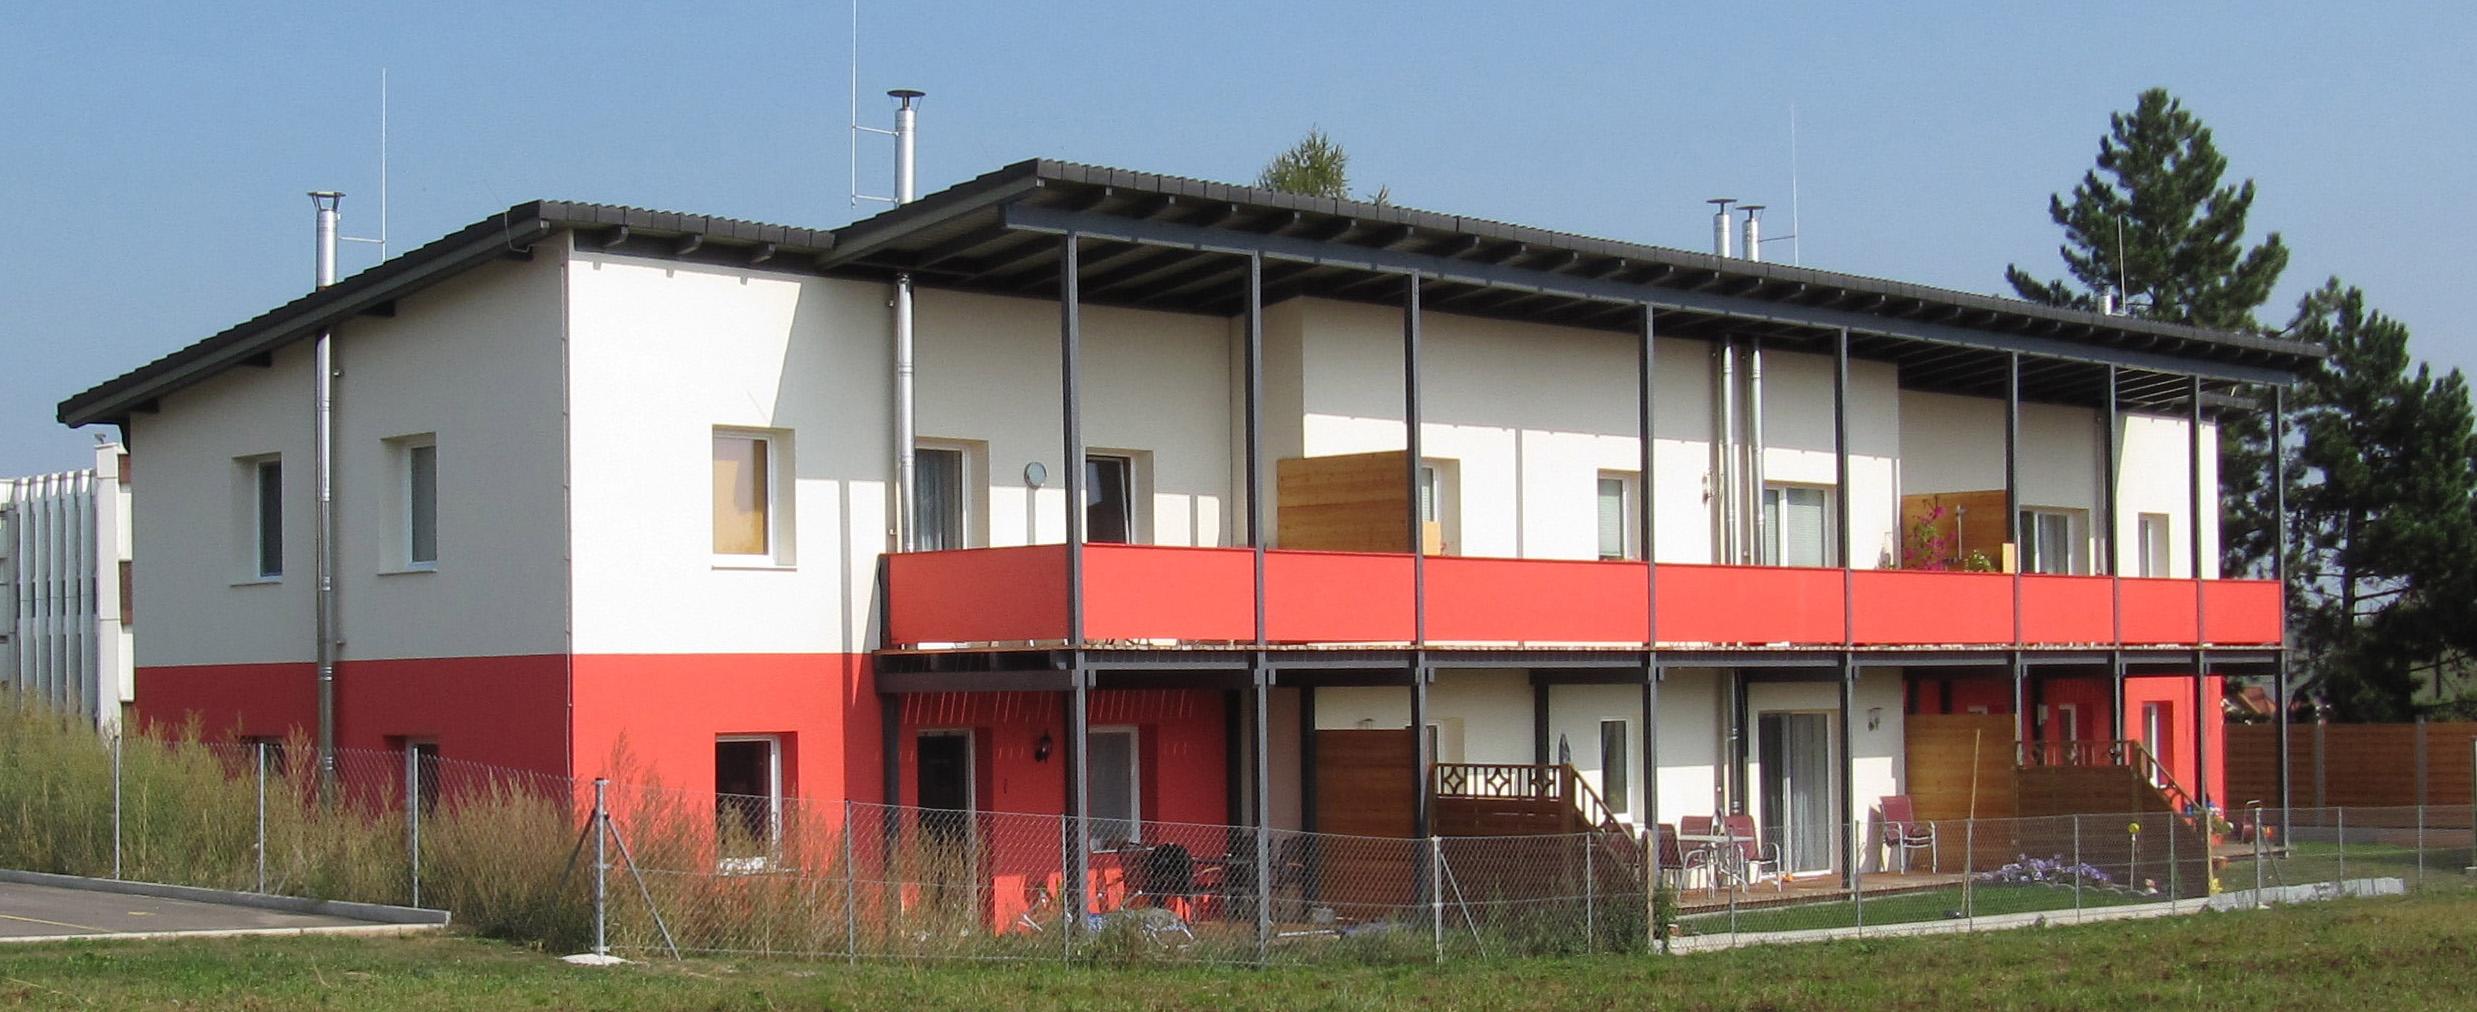 Wohnhausanlege in Mistebach